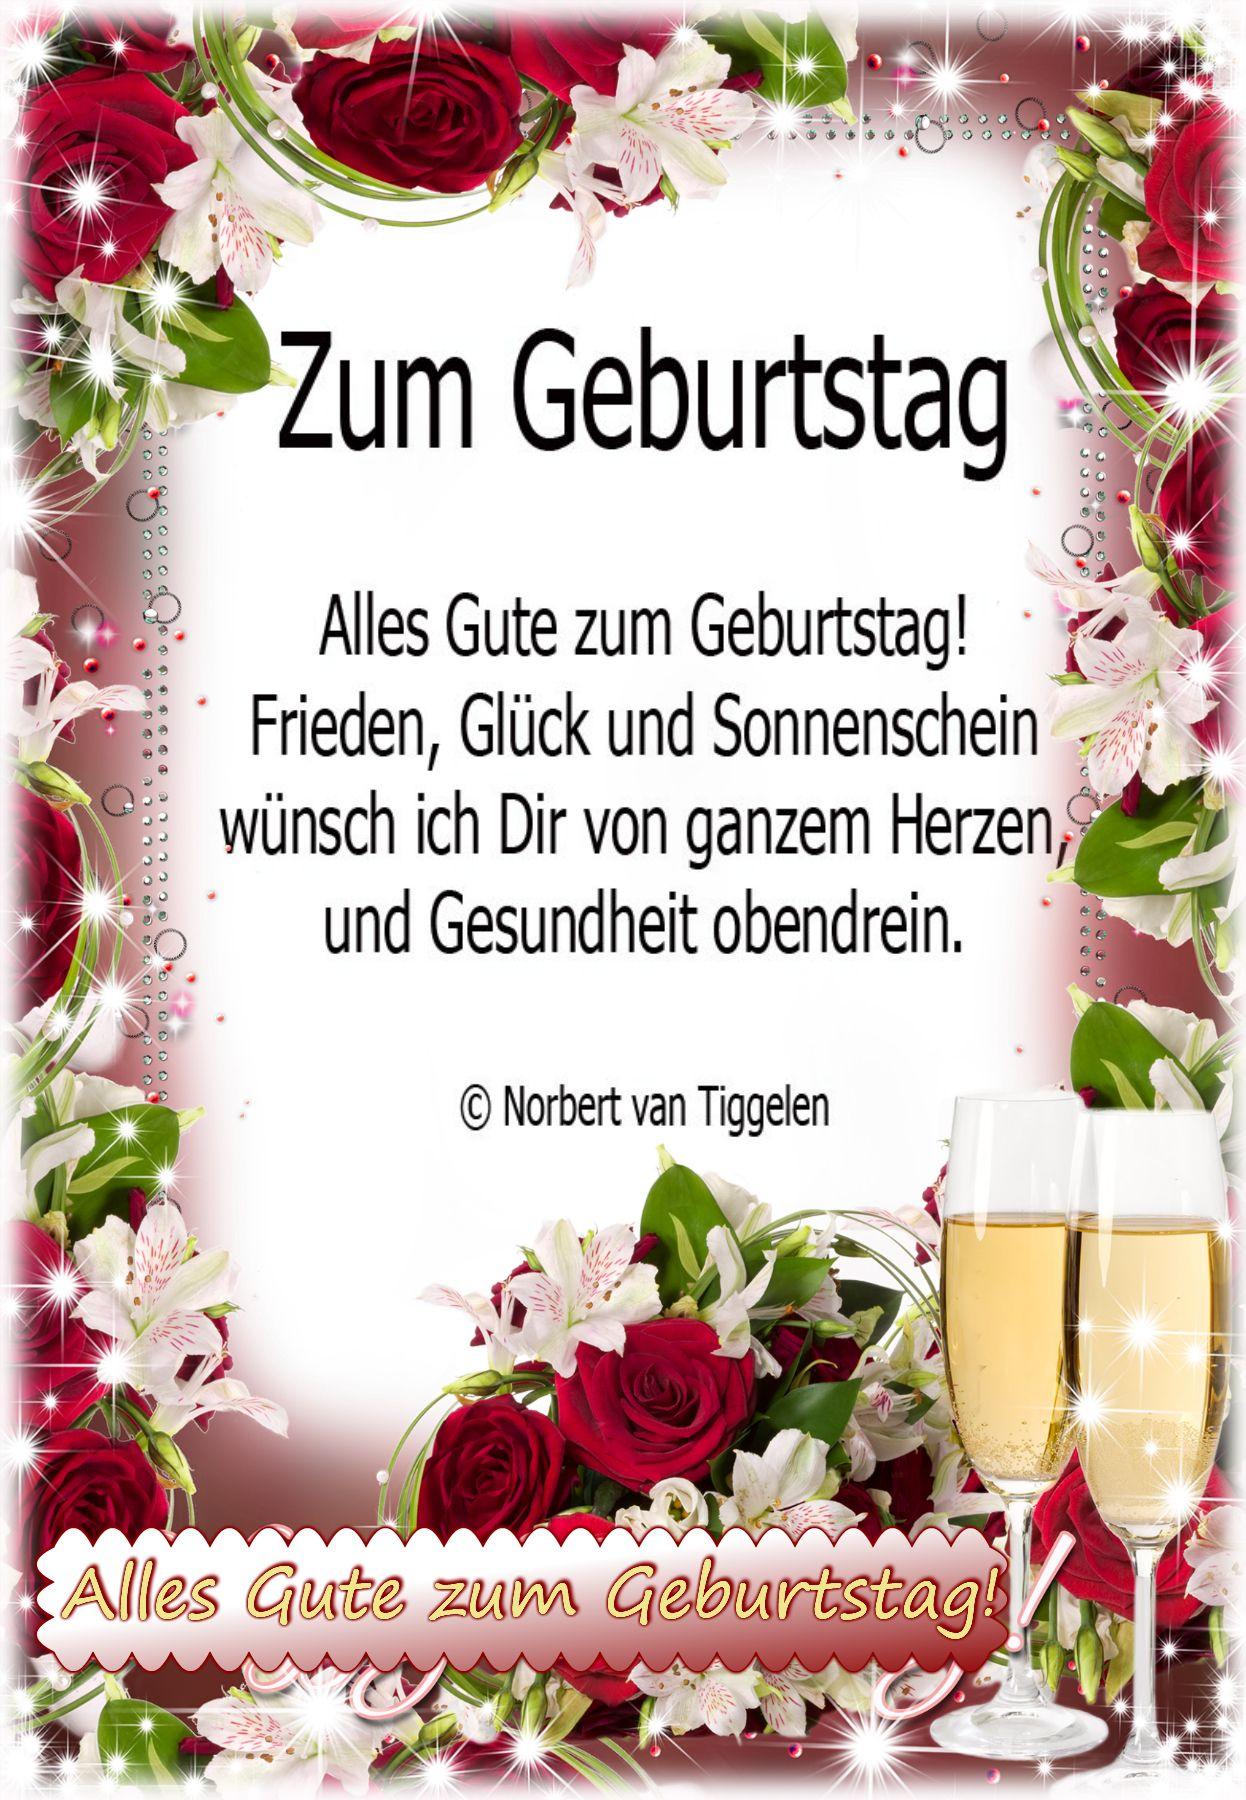 Tolle Texte Fur Gastebuch Eintrage Und Grusse Alles Gute Zum Geburtstag Bilder Geburt Alles Gute Geburtstag